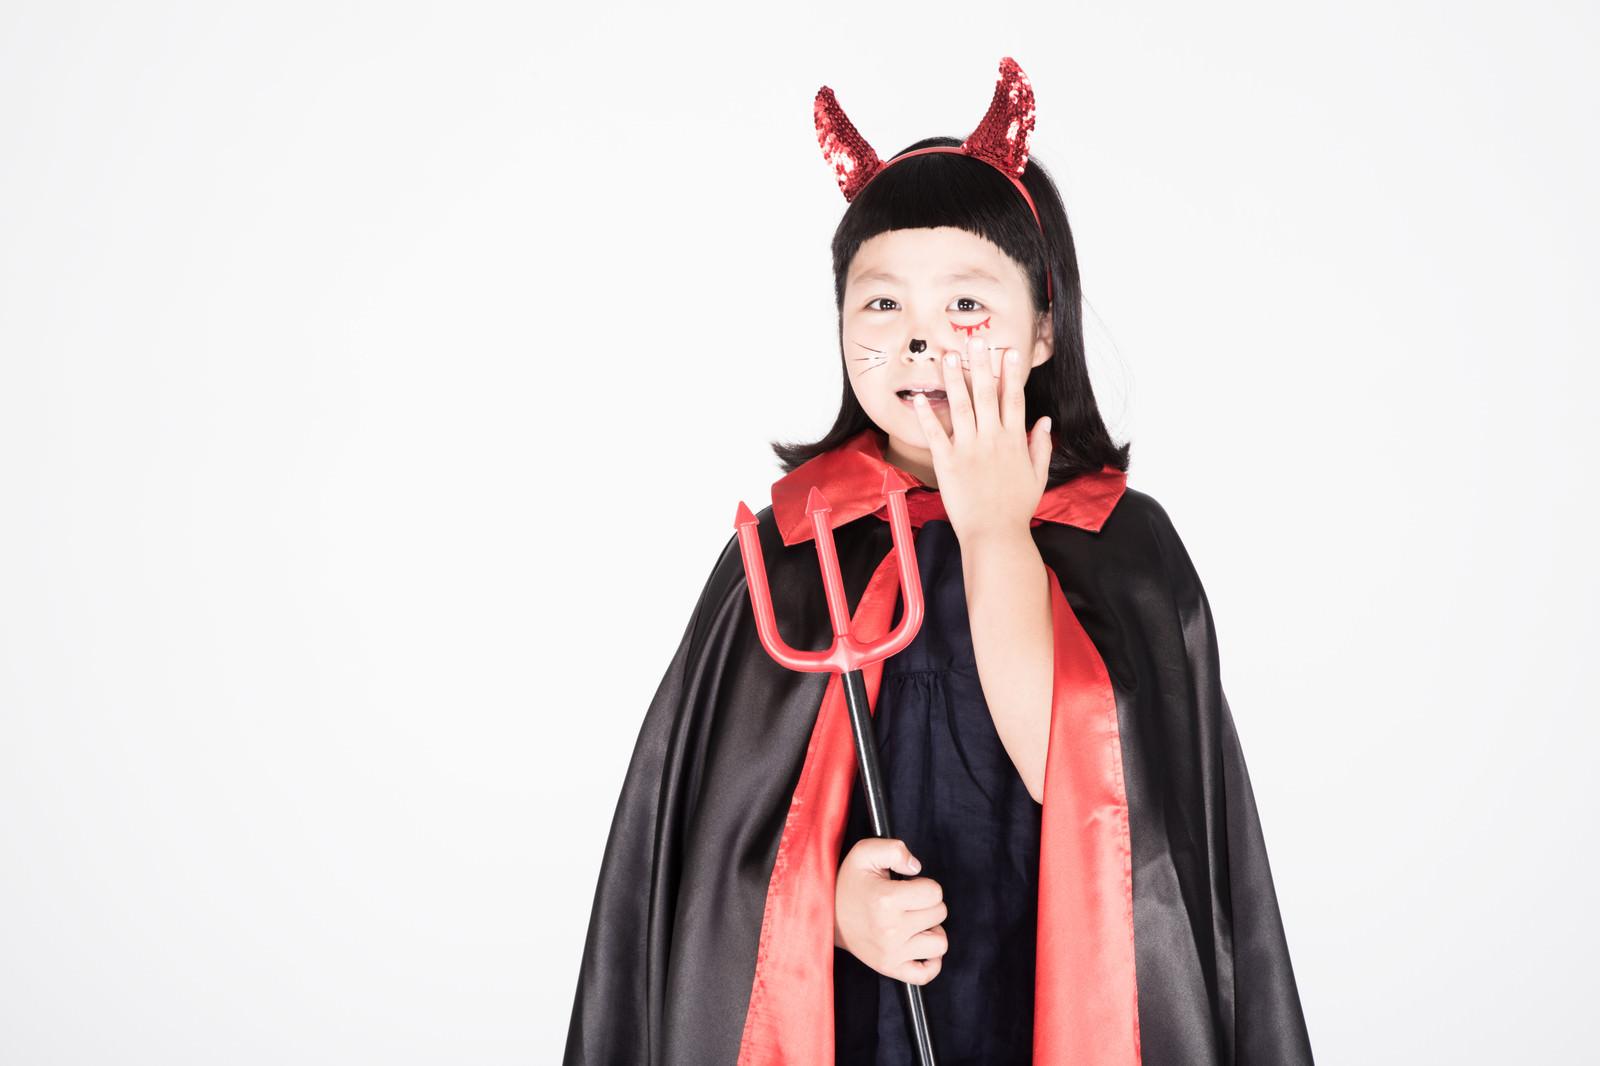 「ハロウィンで悪ノリした大人を目の当たりにした時の子供」の写真[モデル:ゆうき]